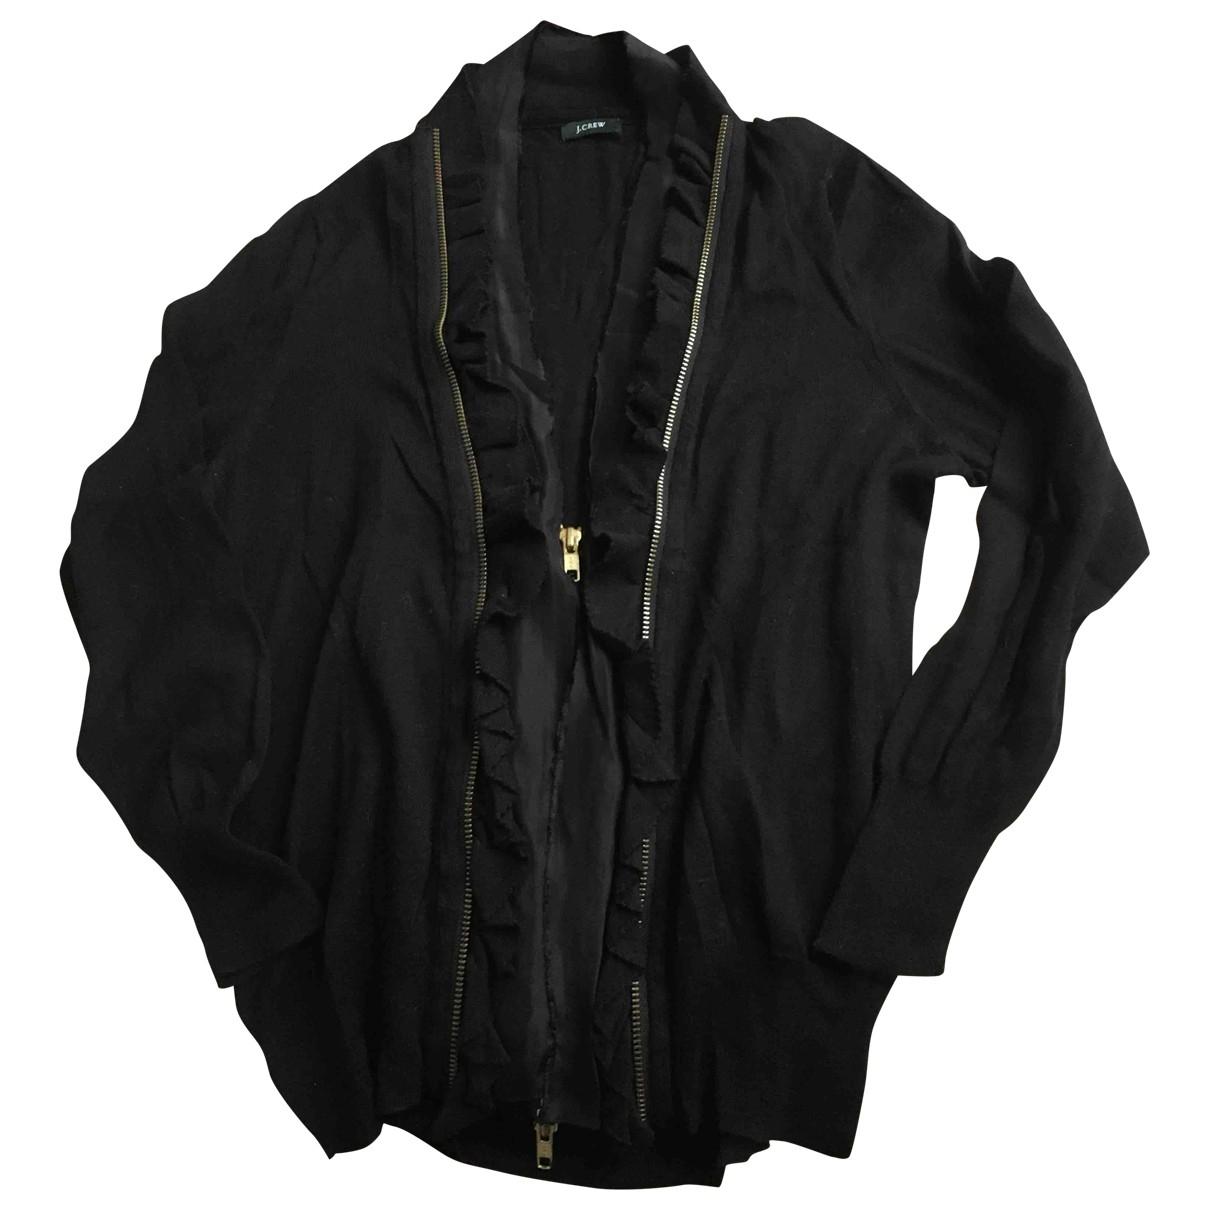 J.crew - Pull   pour femme en laine - noir